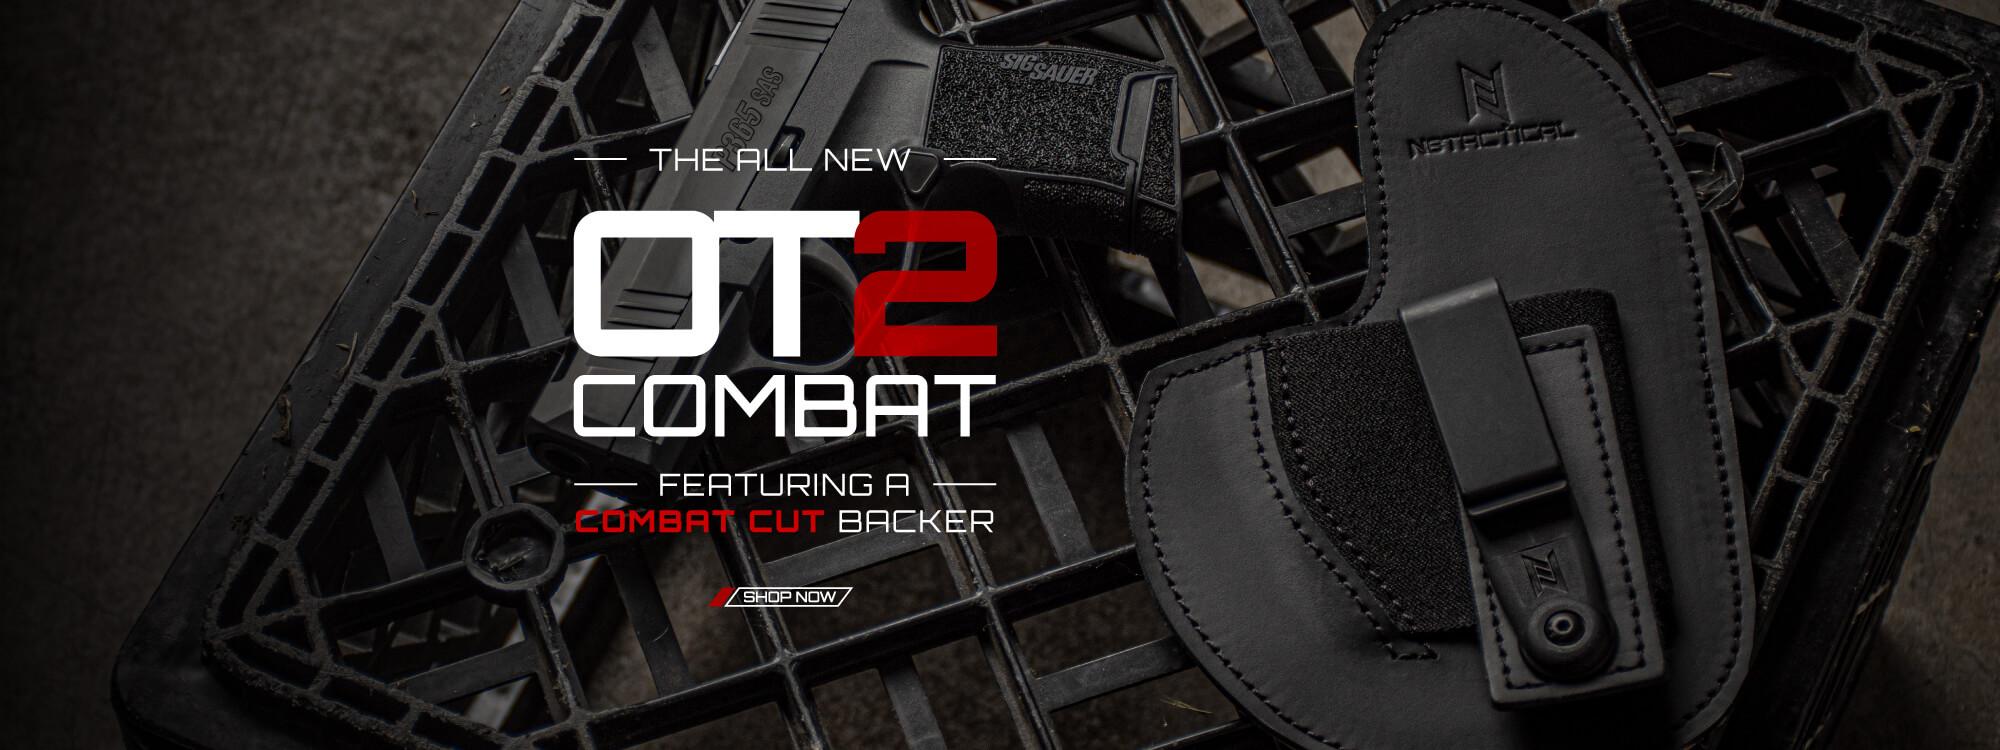 All New OT2 Combat Featuring Combat Cut Backer